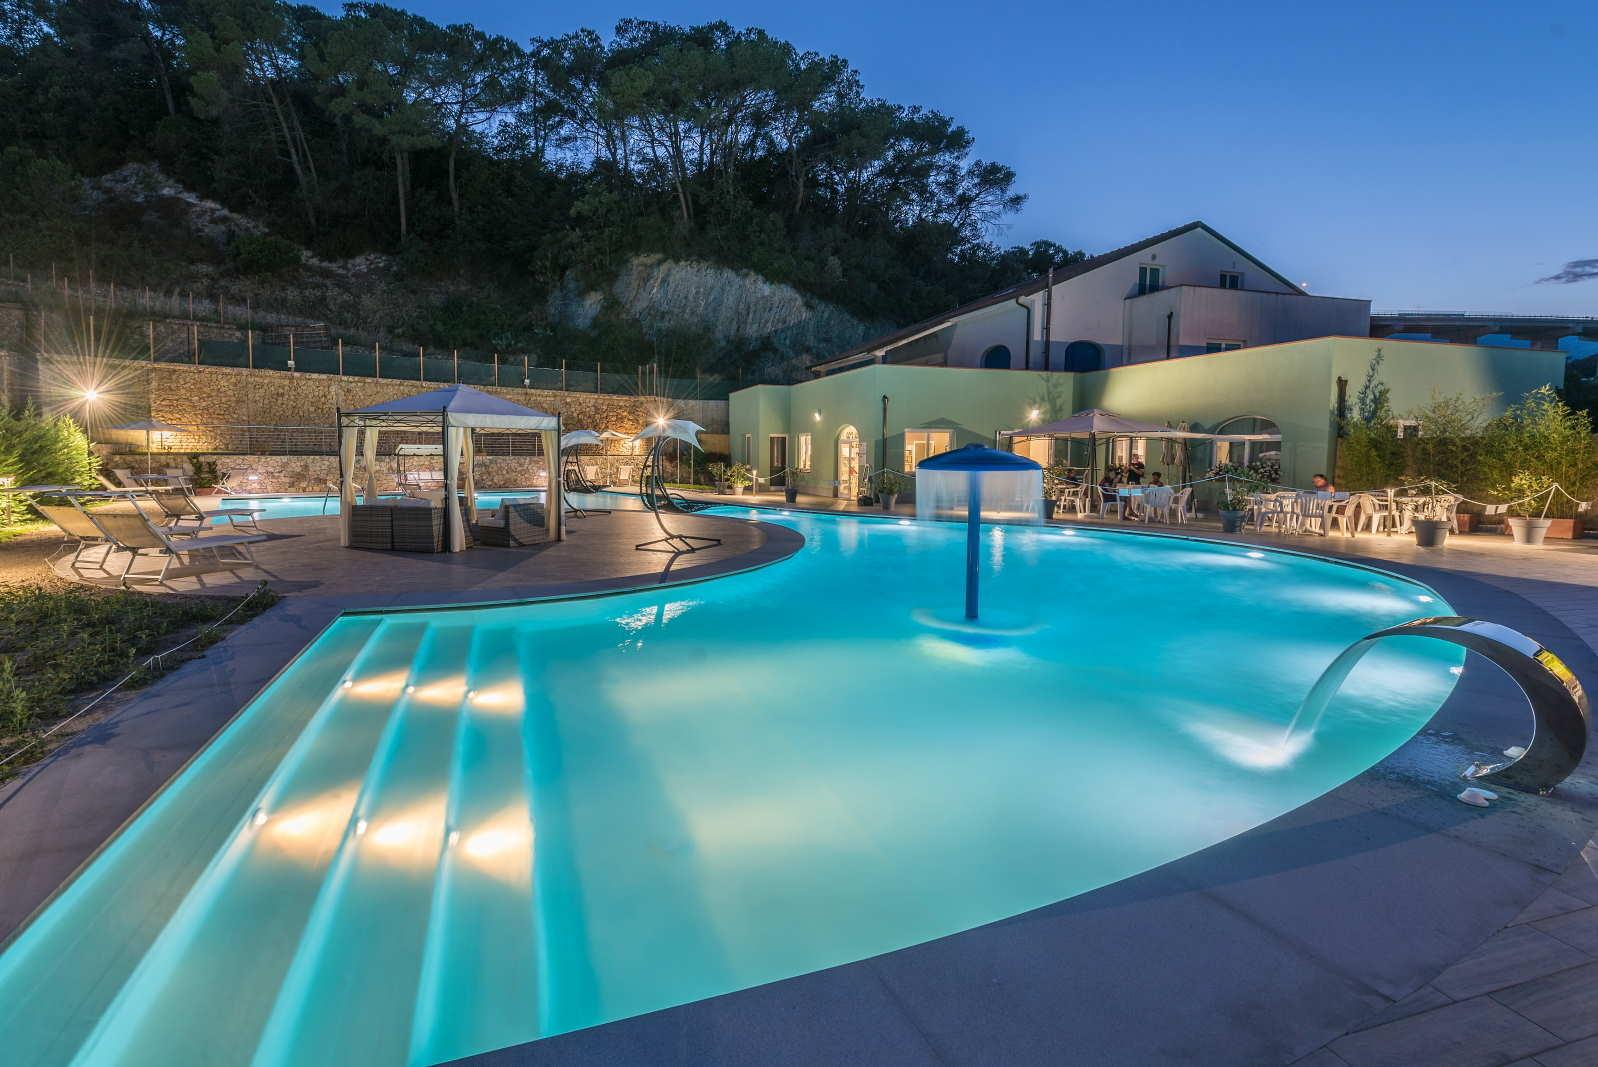 piscina del camping finale freeride